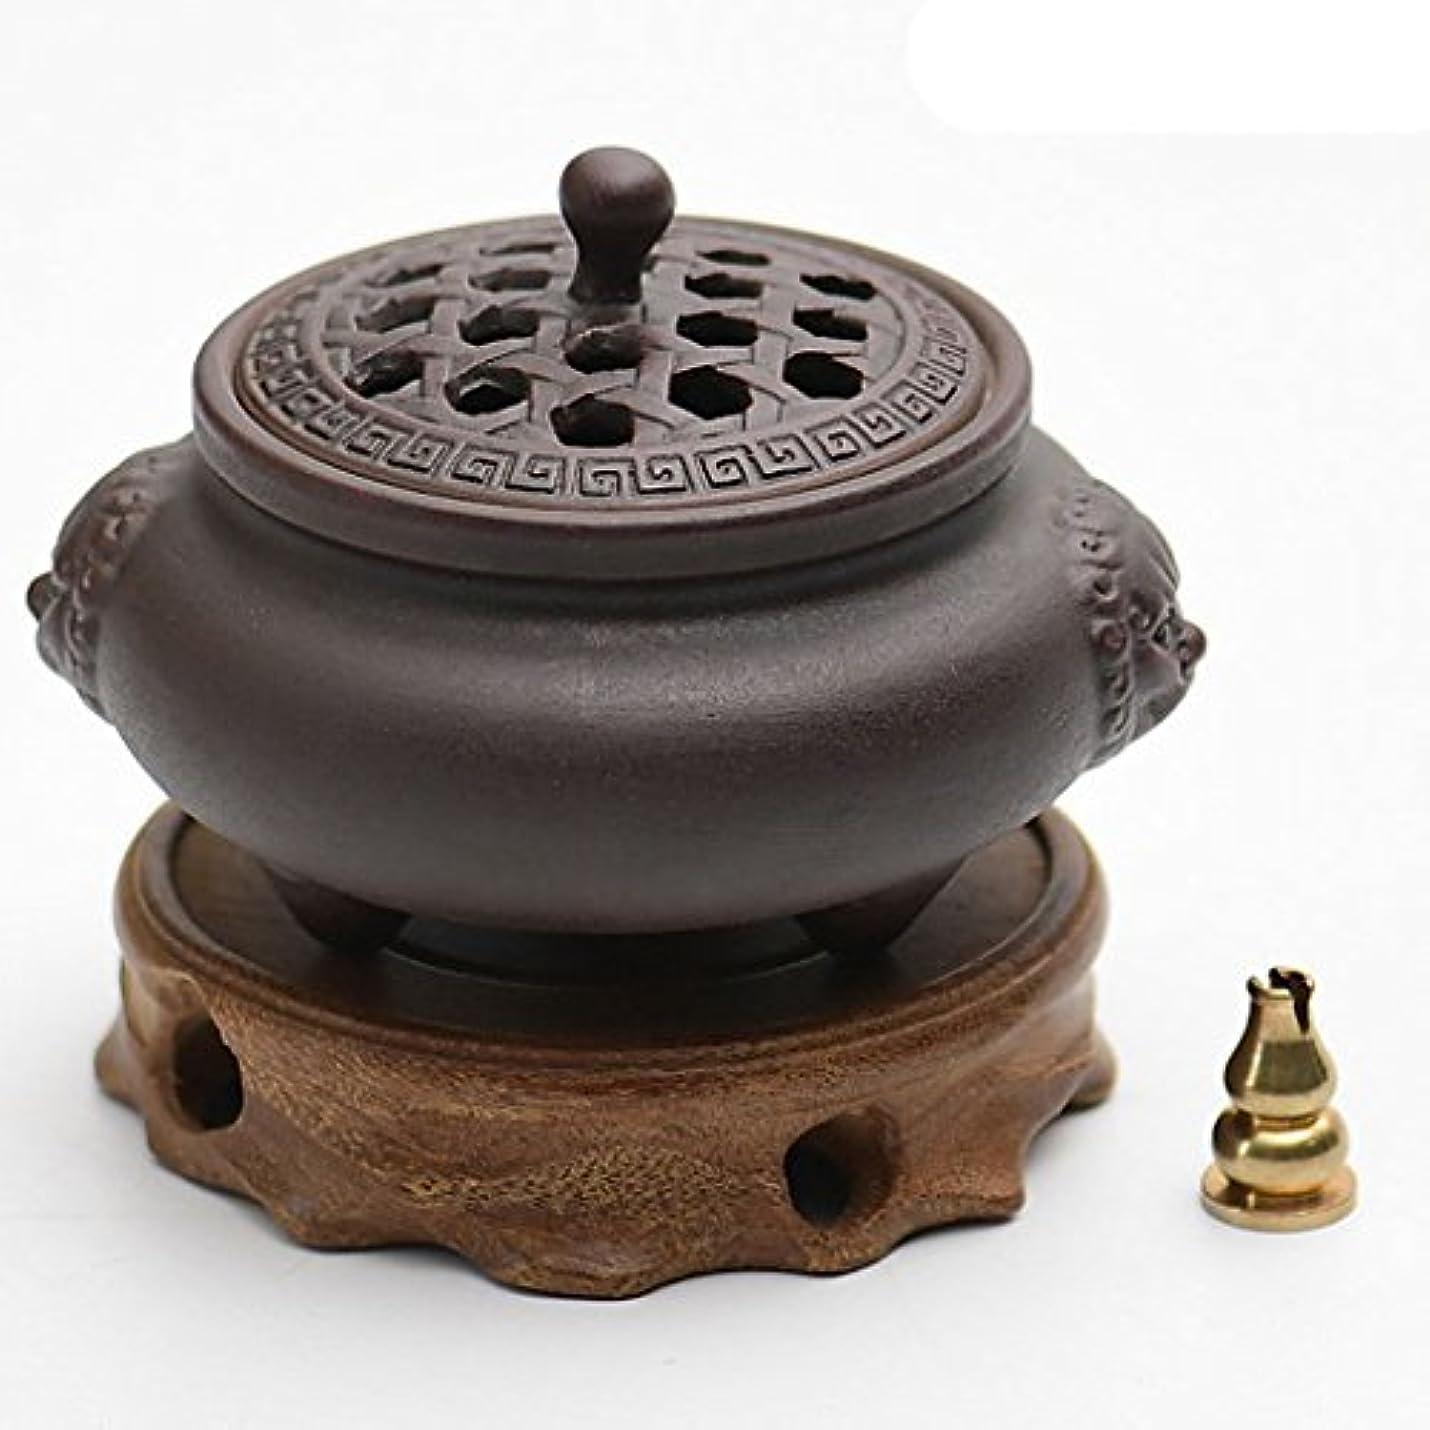 メリー引き渡す運動(ラシューバー) Lasuiveur 香炉 線香立て 香立て 職人さんの手作り 茶道用品 おしゃれ  木製 透かし彫り